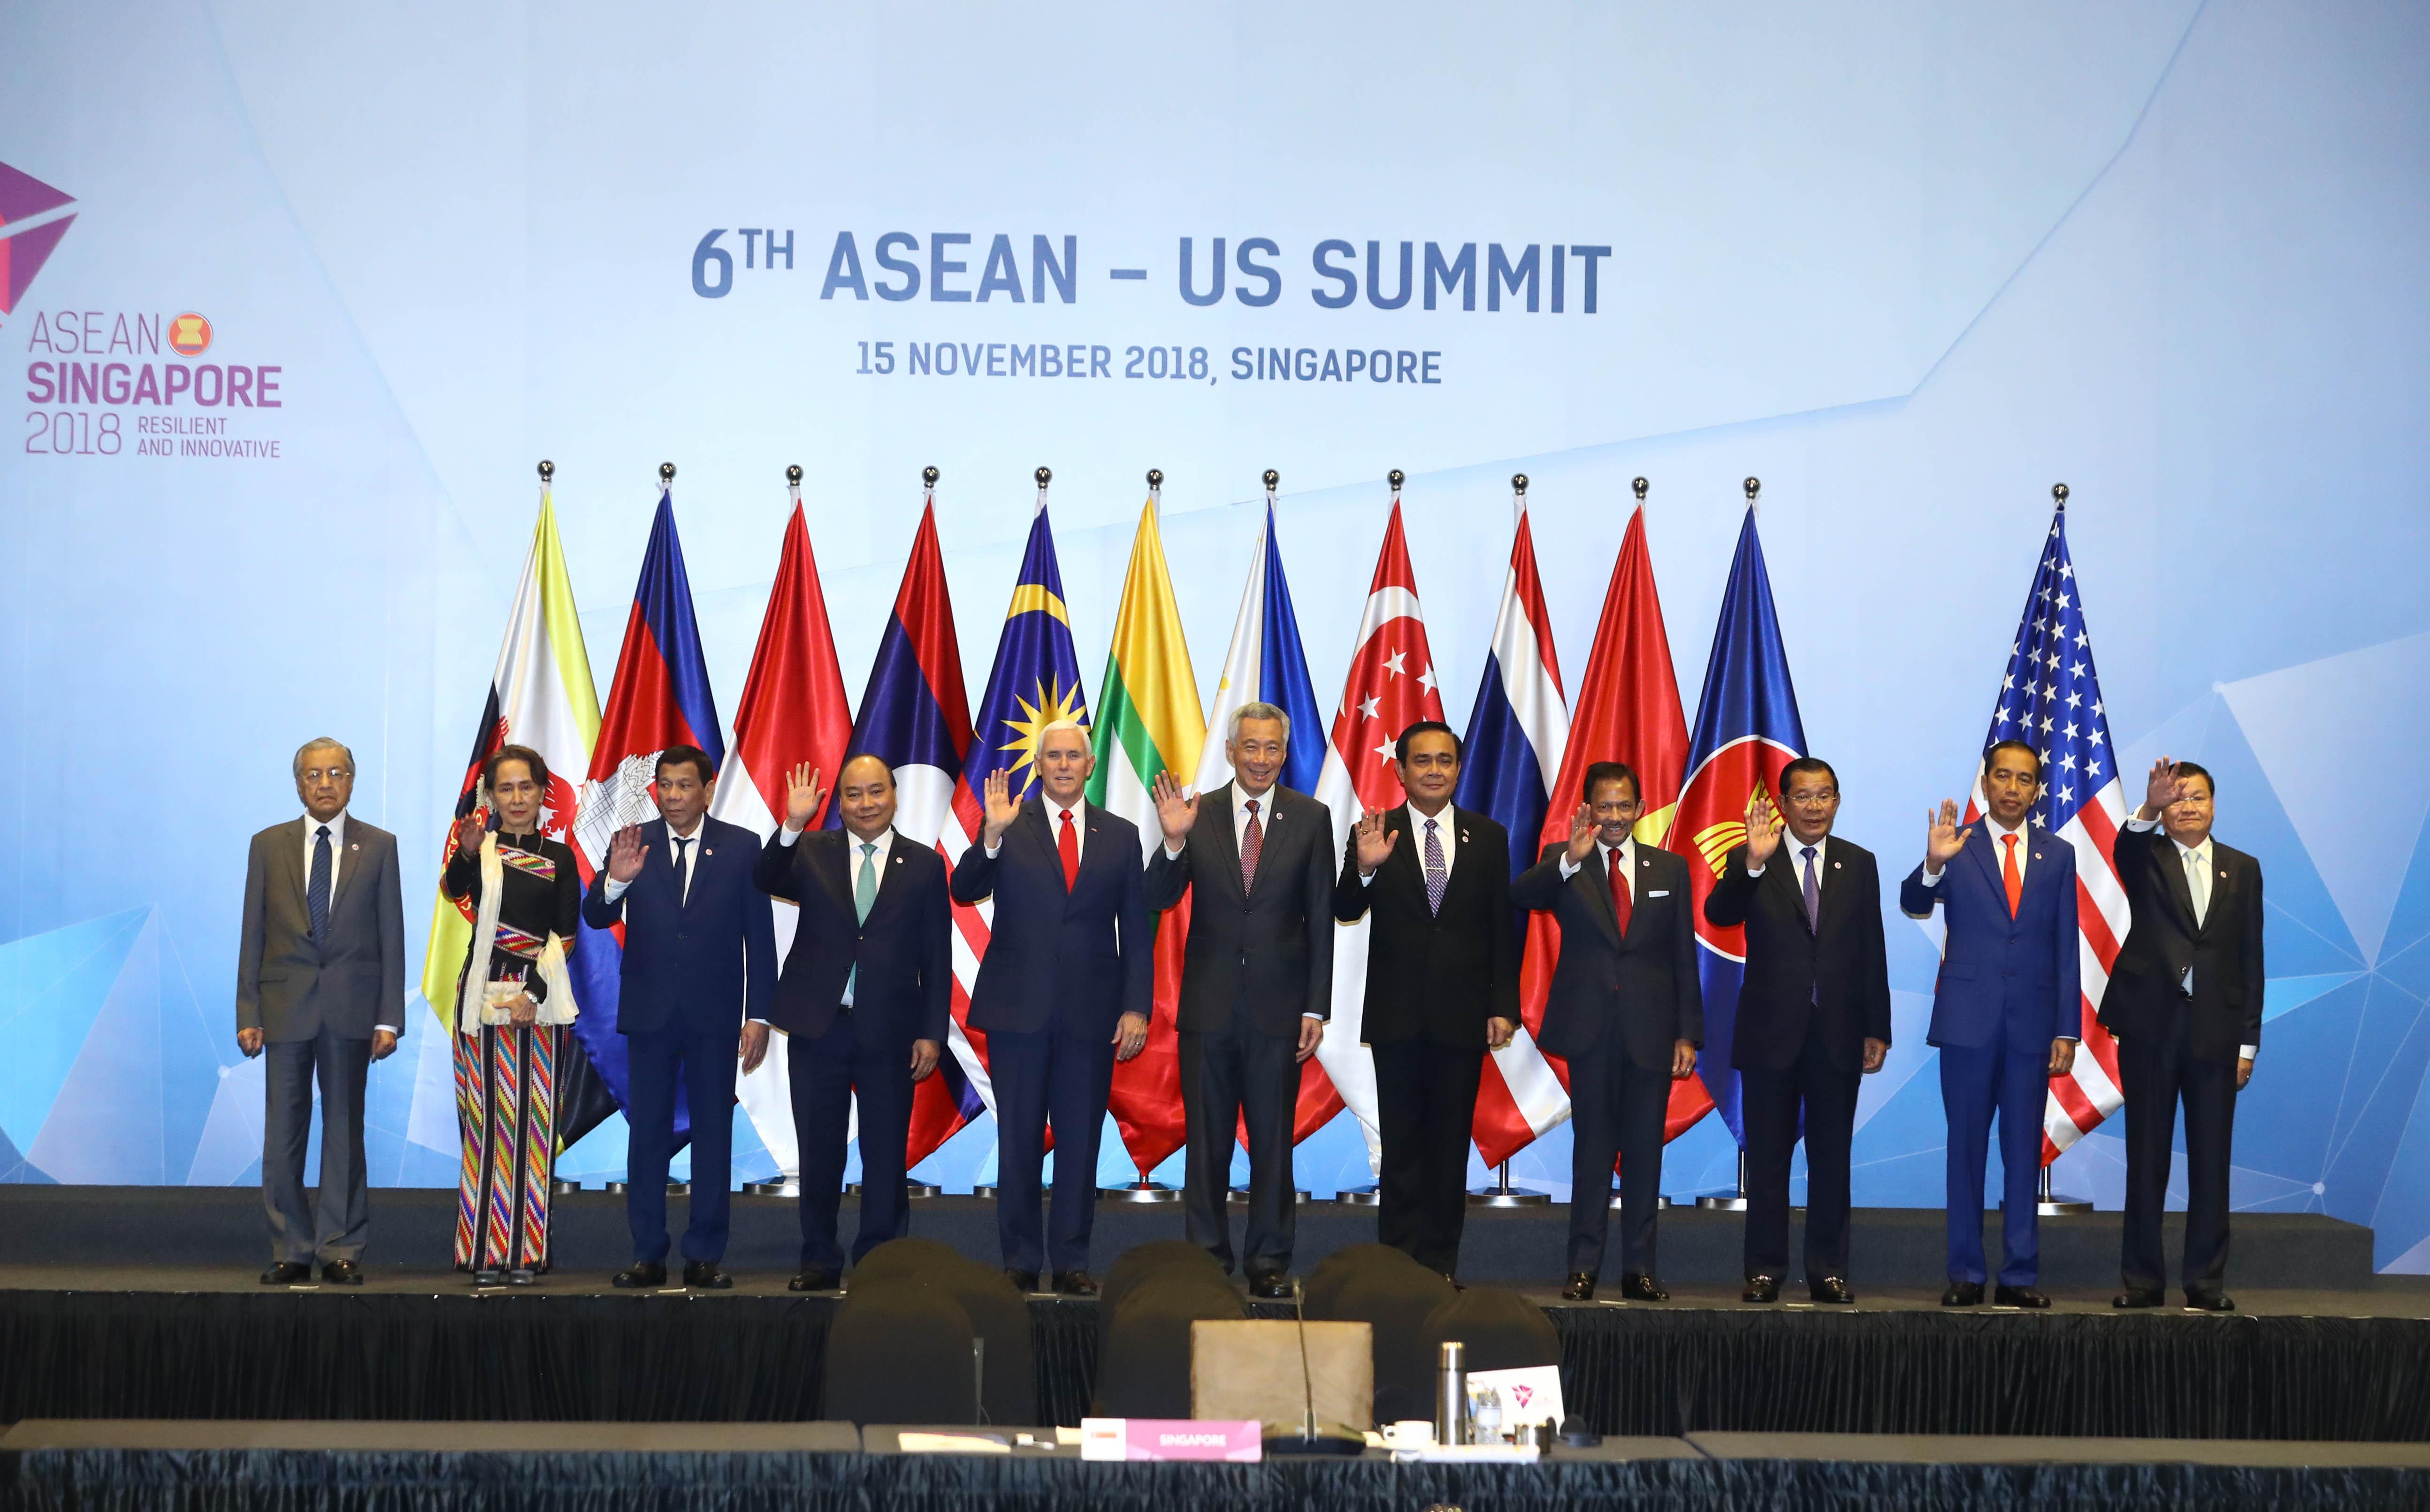 Hoa Kỳ cam kết đẩy mạnh quan hệ với ASEAN